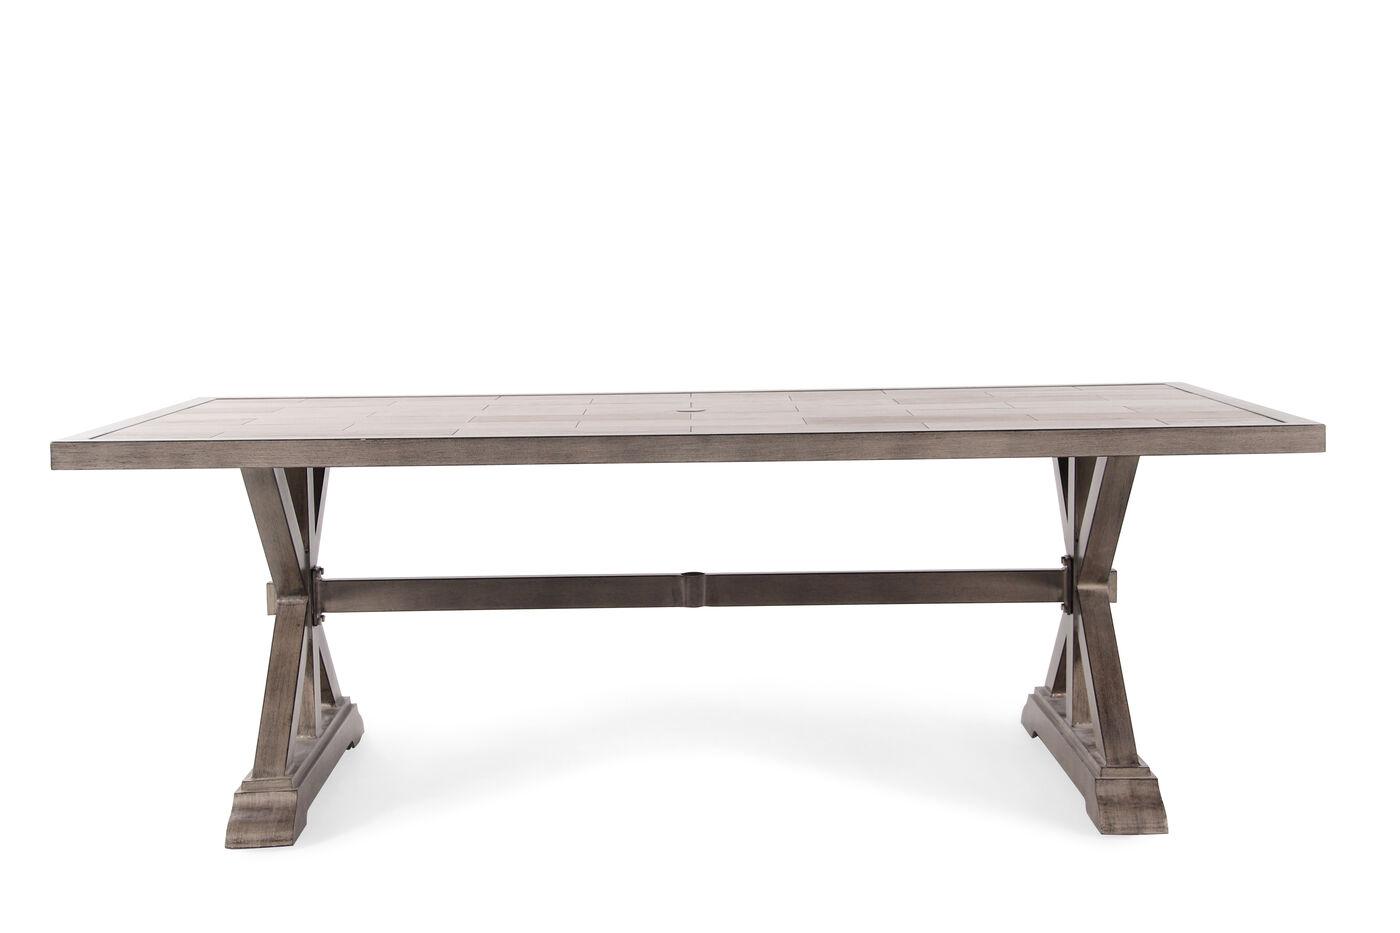 Images X Pedestal Rectangular Aluminum Table In Medium Brown